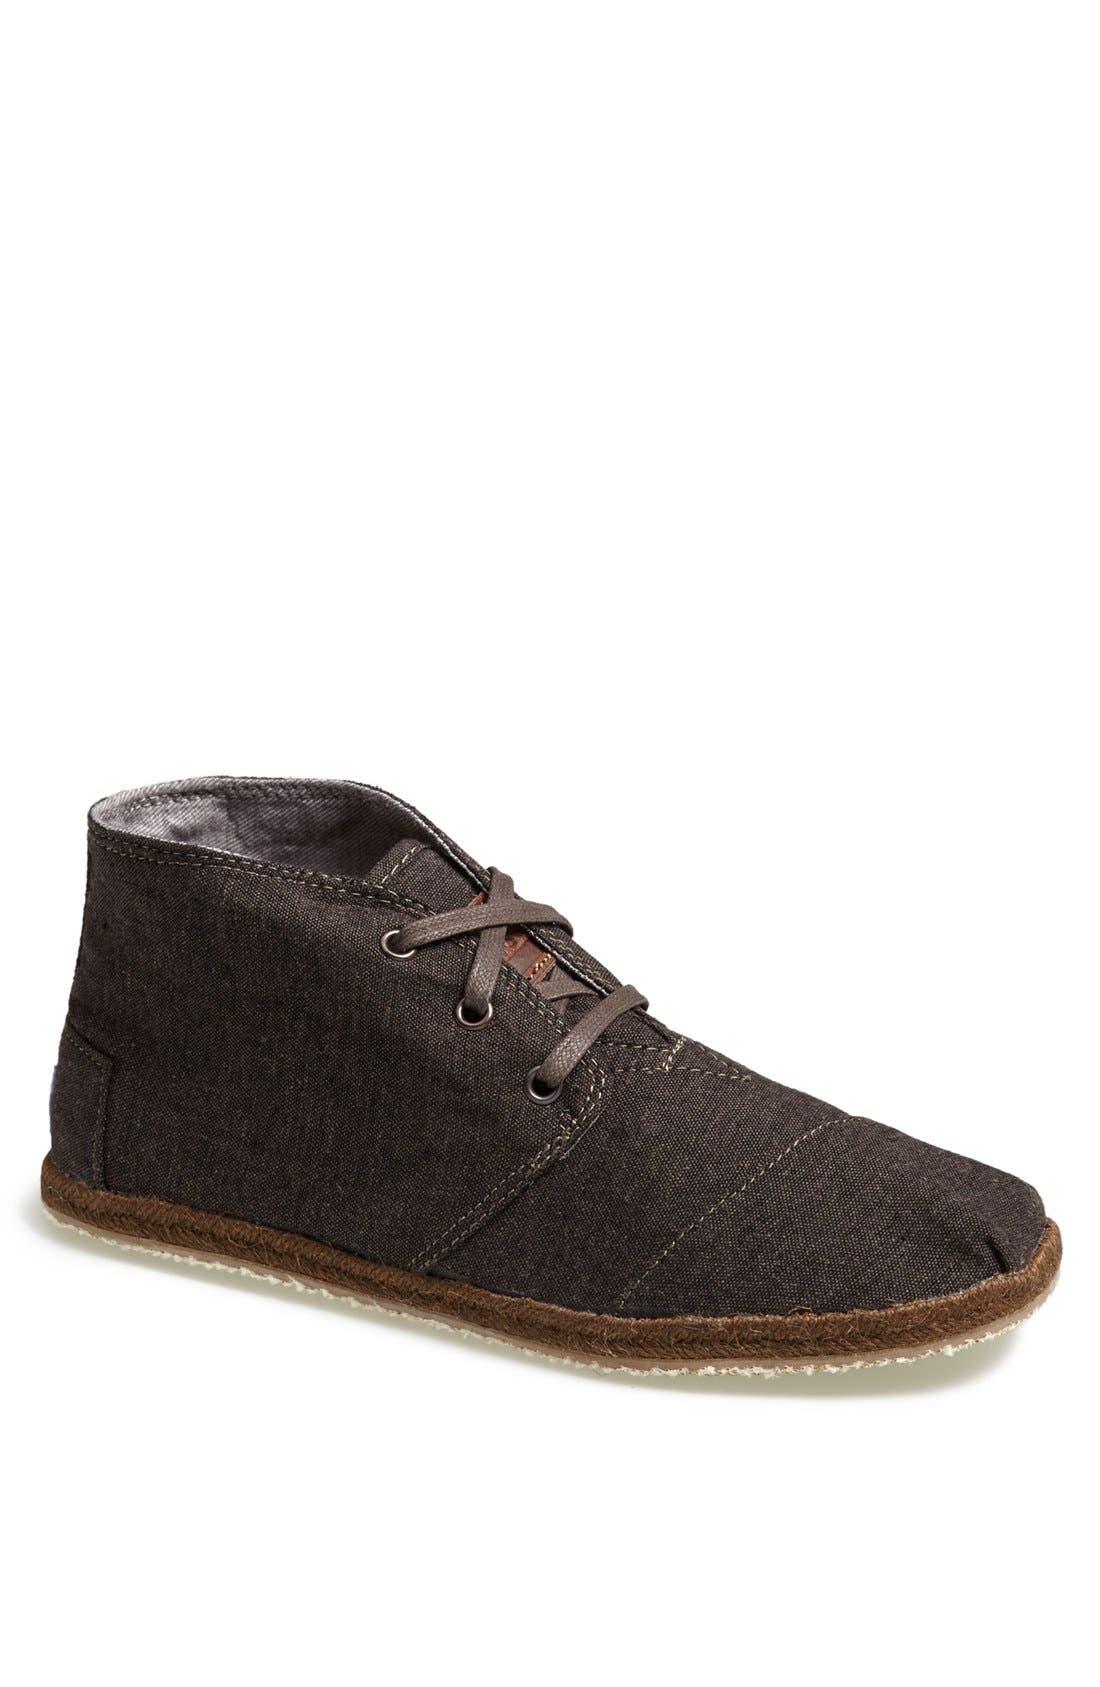 Main Image - TOMS 'Botas - Desert' Denim Boot (Men)